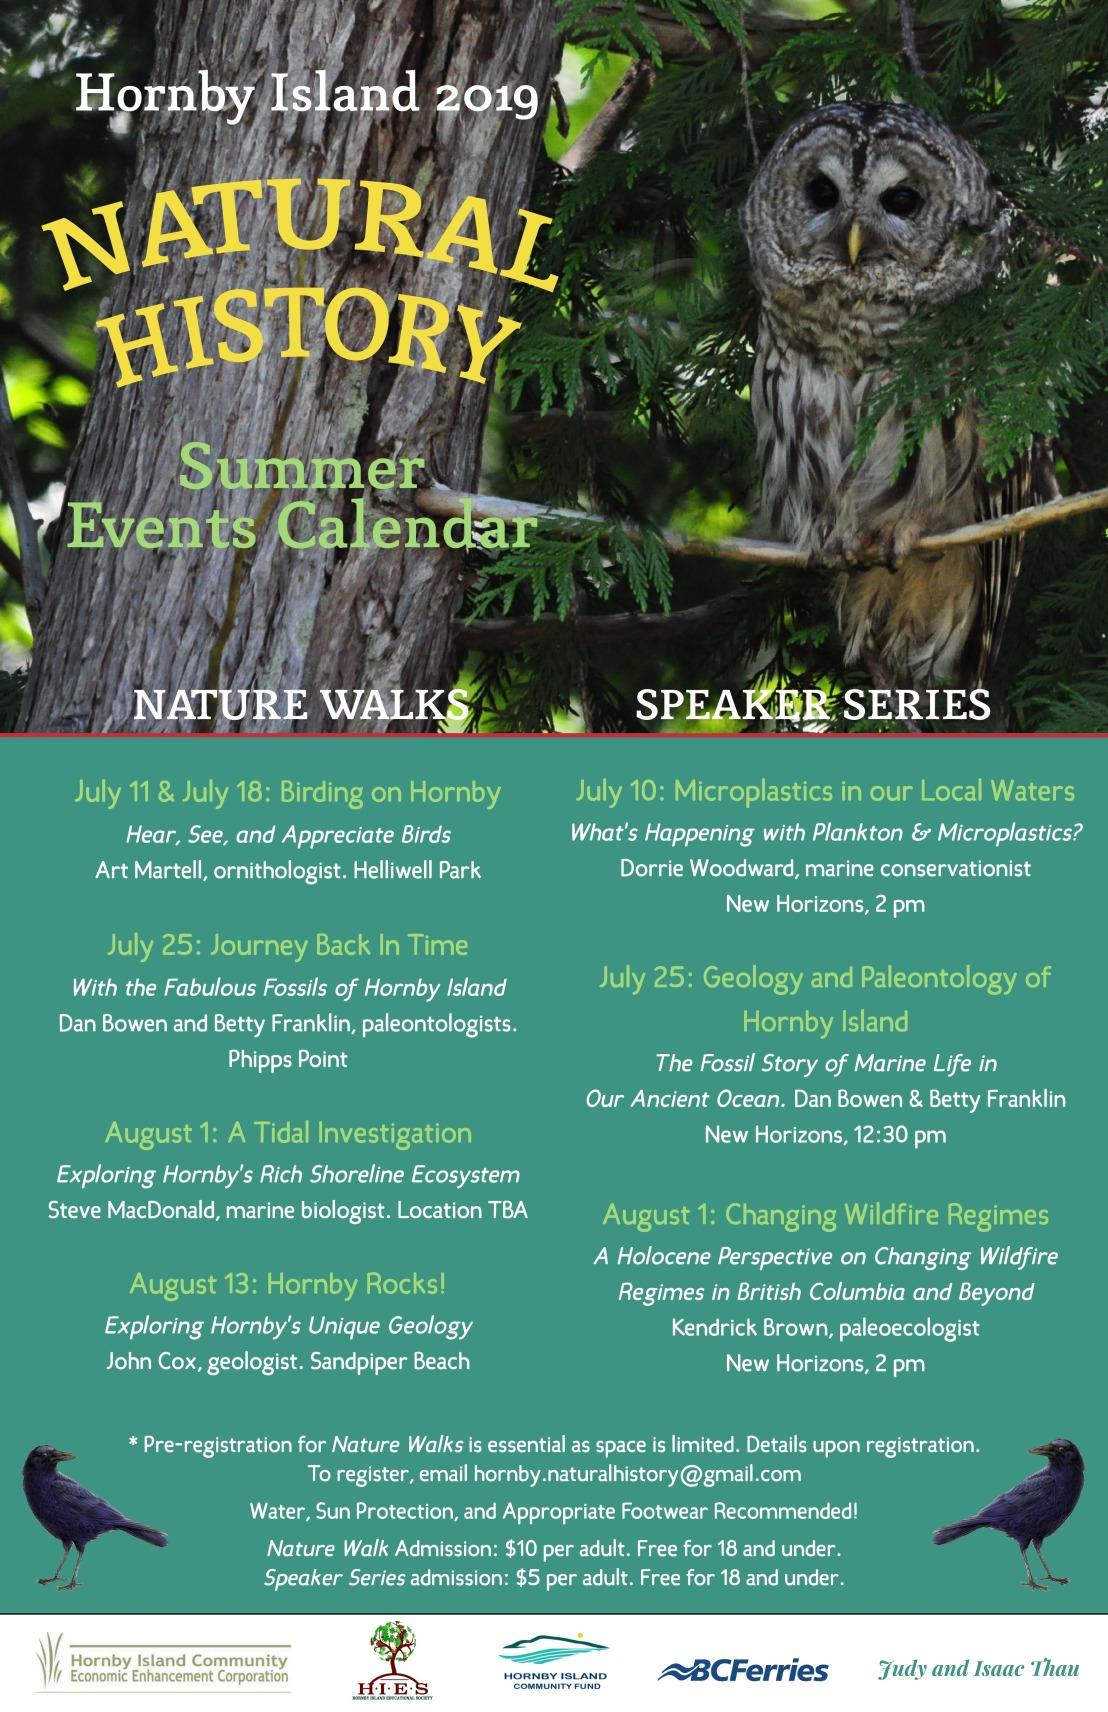 natural history poster (1)